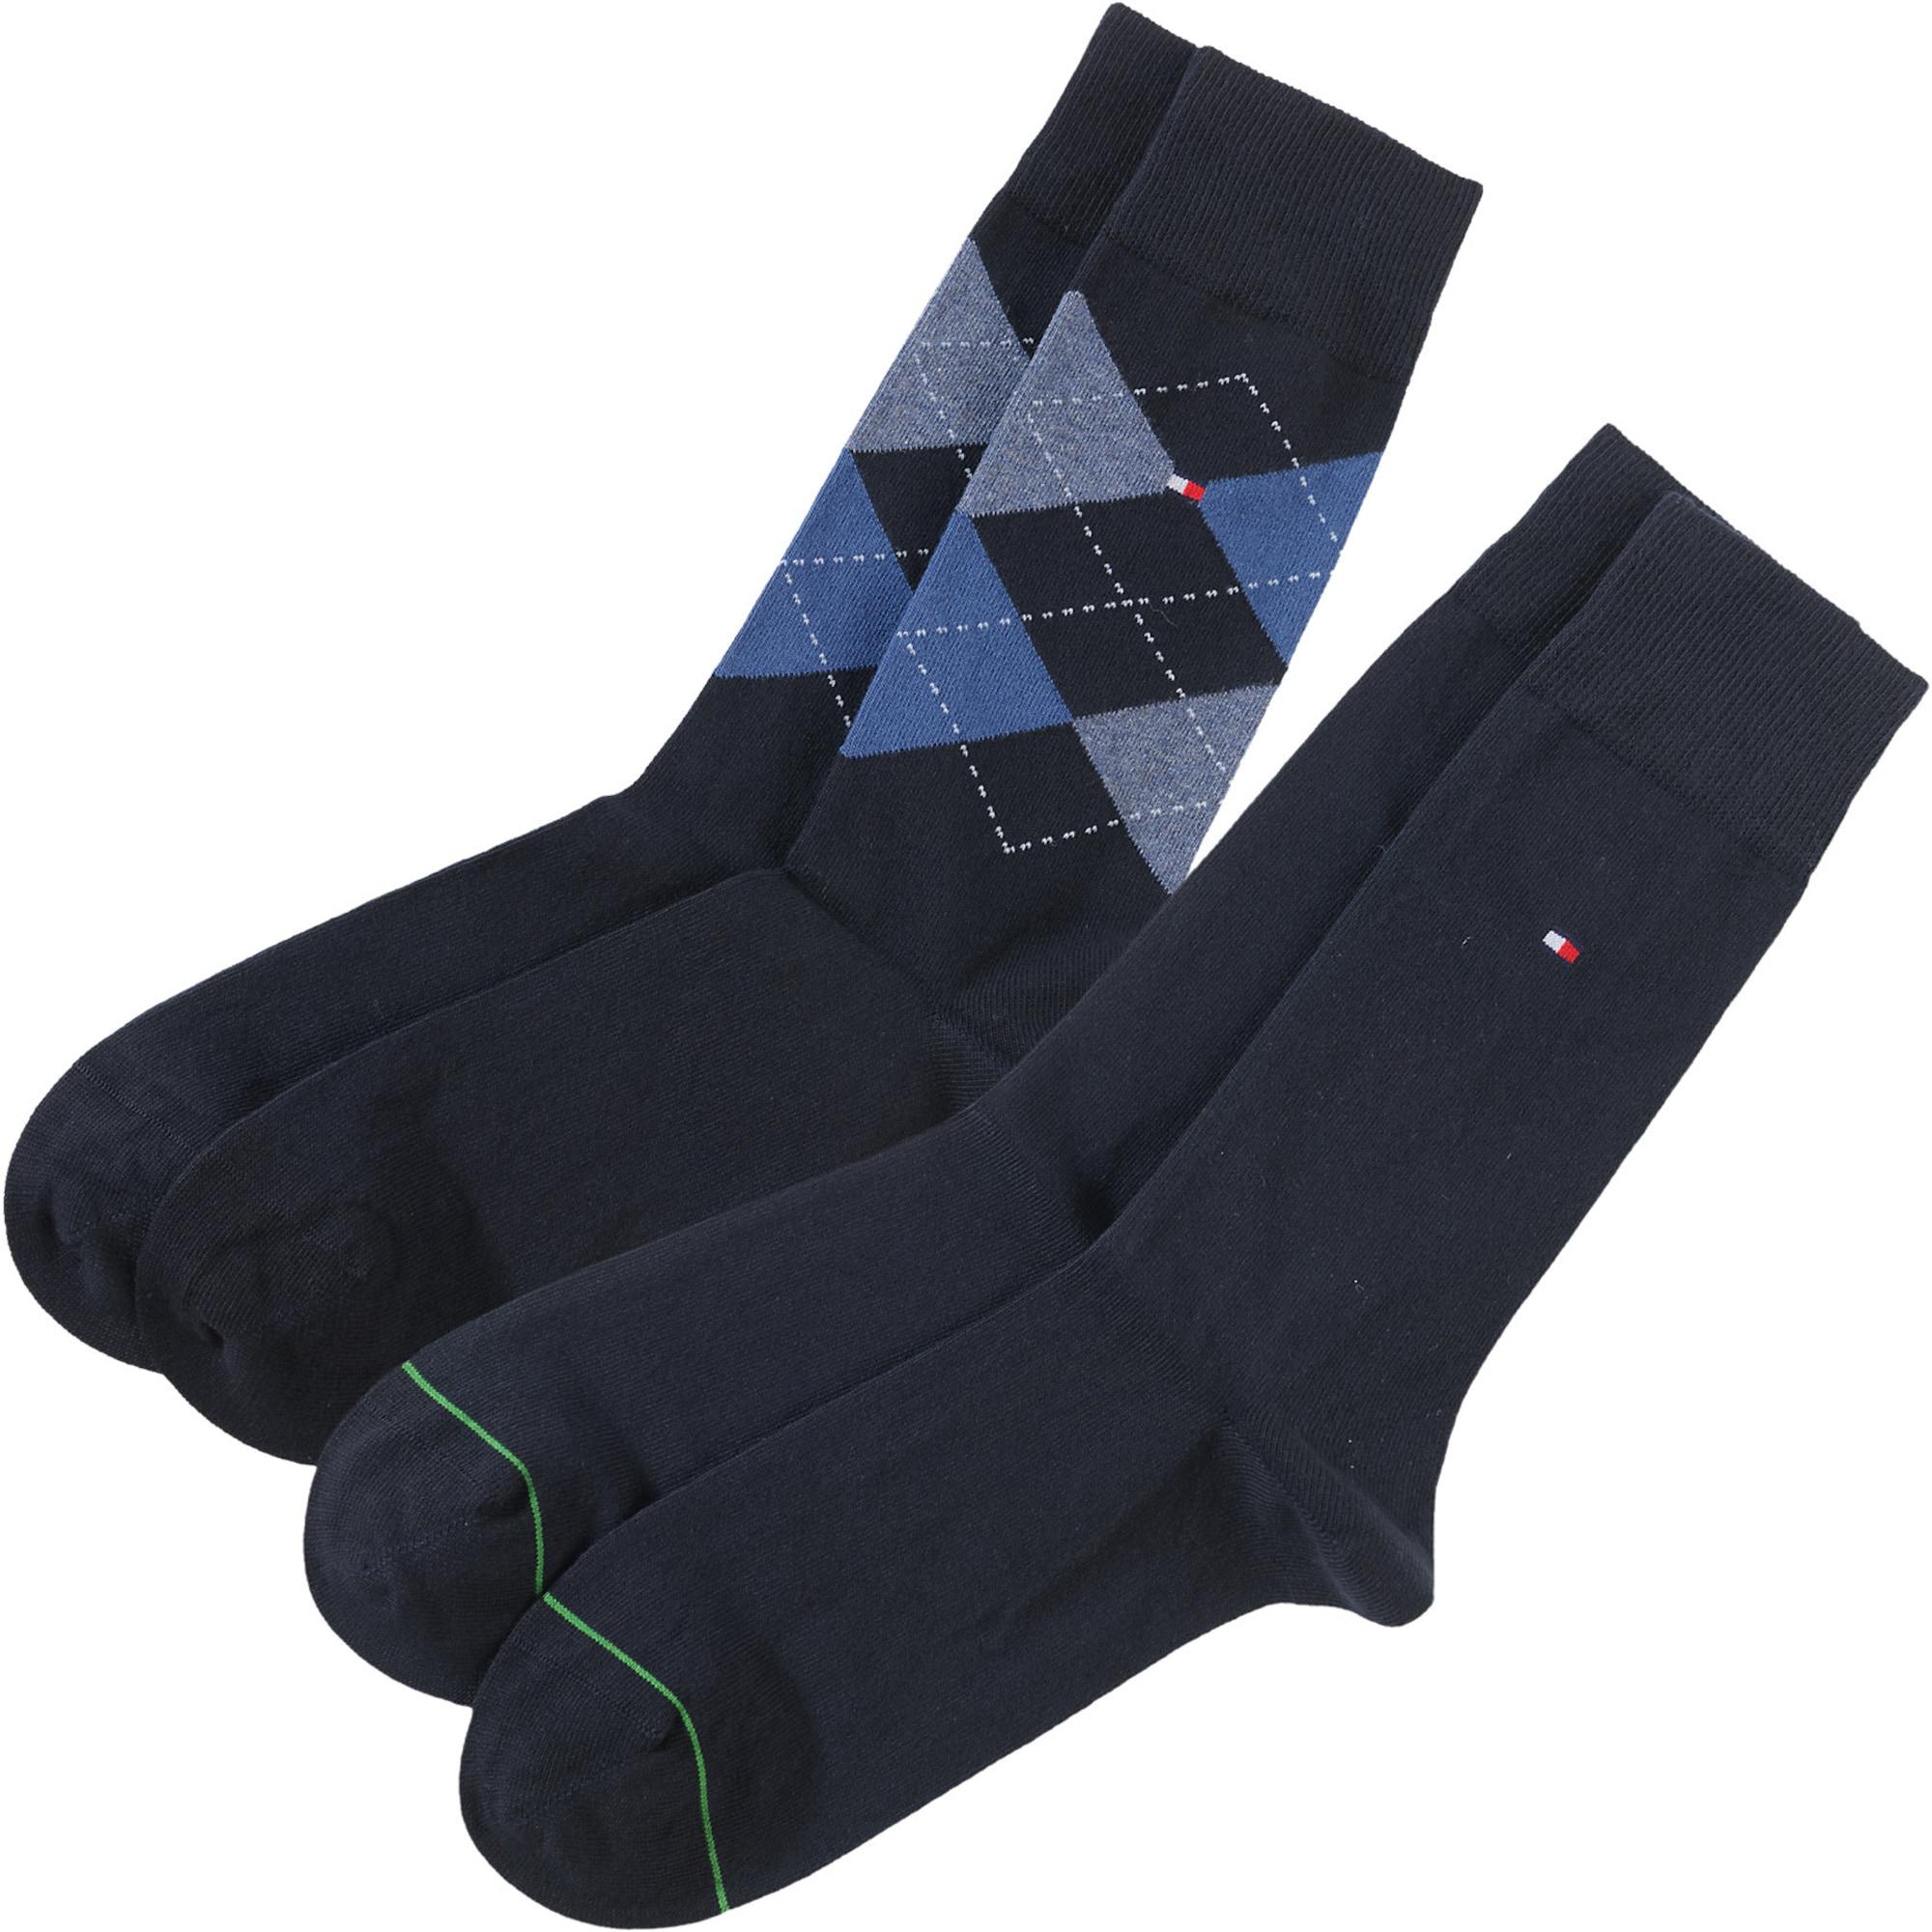 Socken | Bekleidung > Wäsche | Tommy Hilfiger